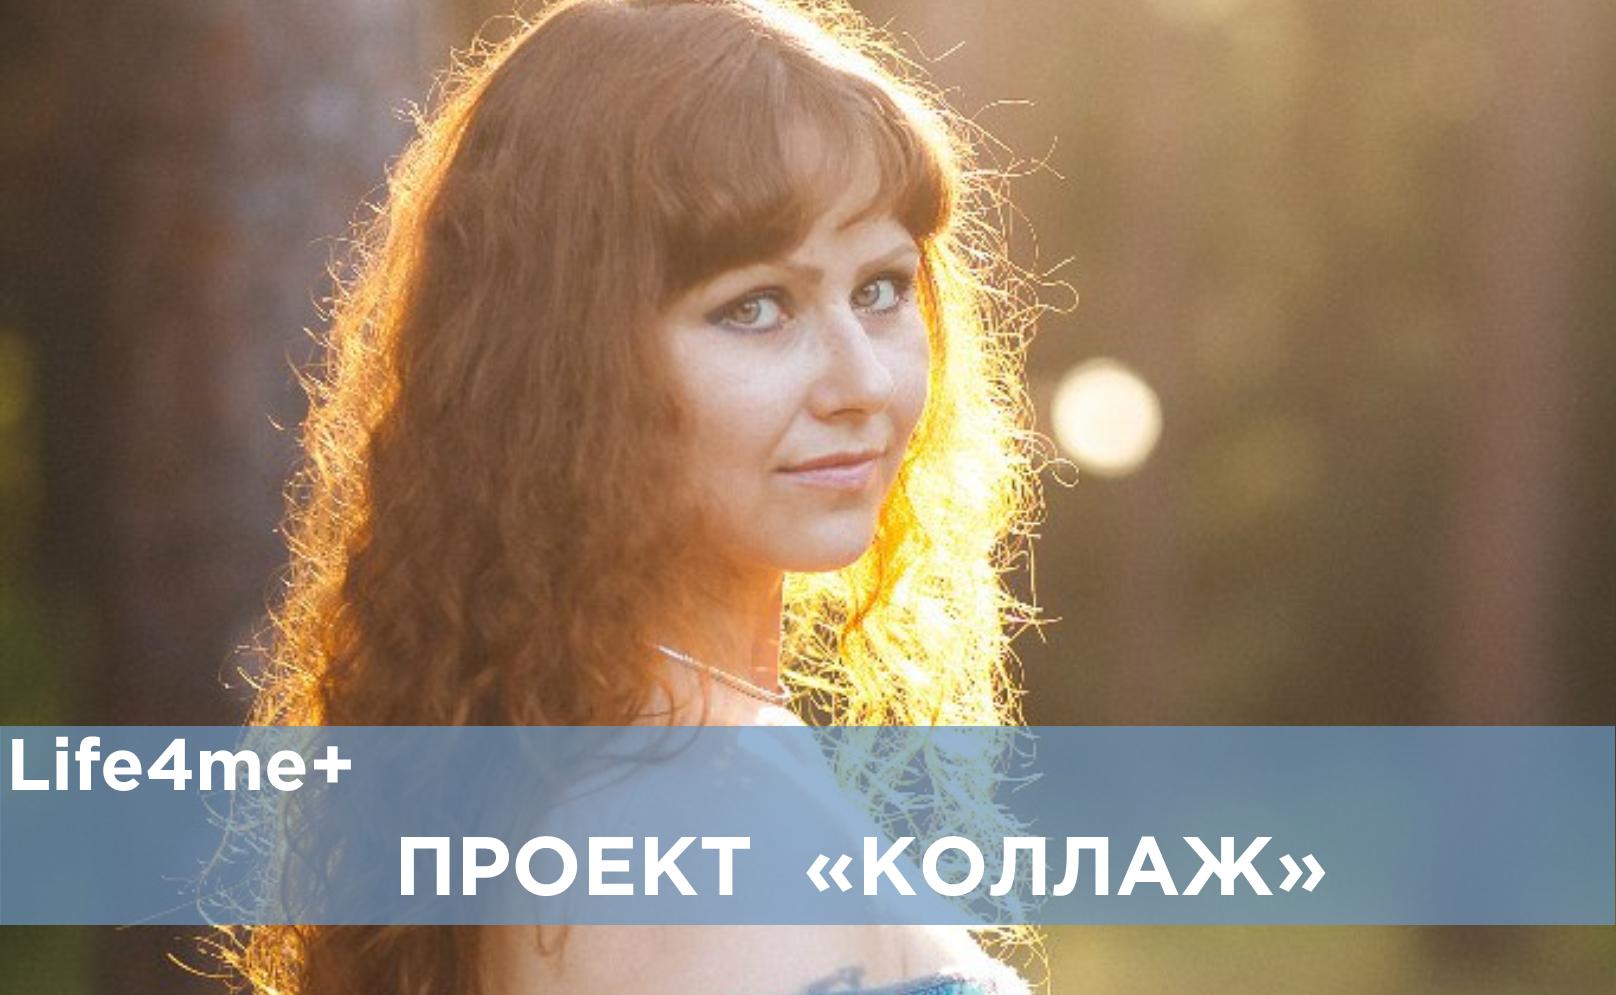 «Коллаж»: Юлия Яковлева, г. Челябинск, Россия